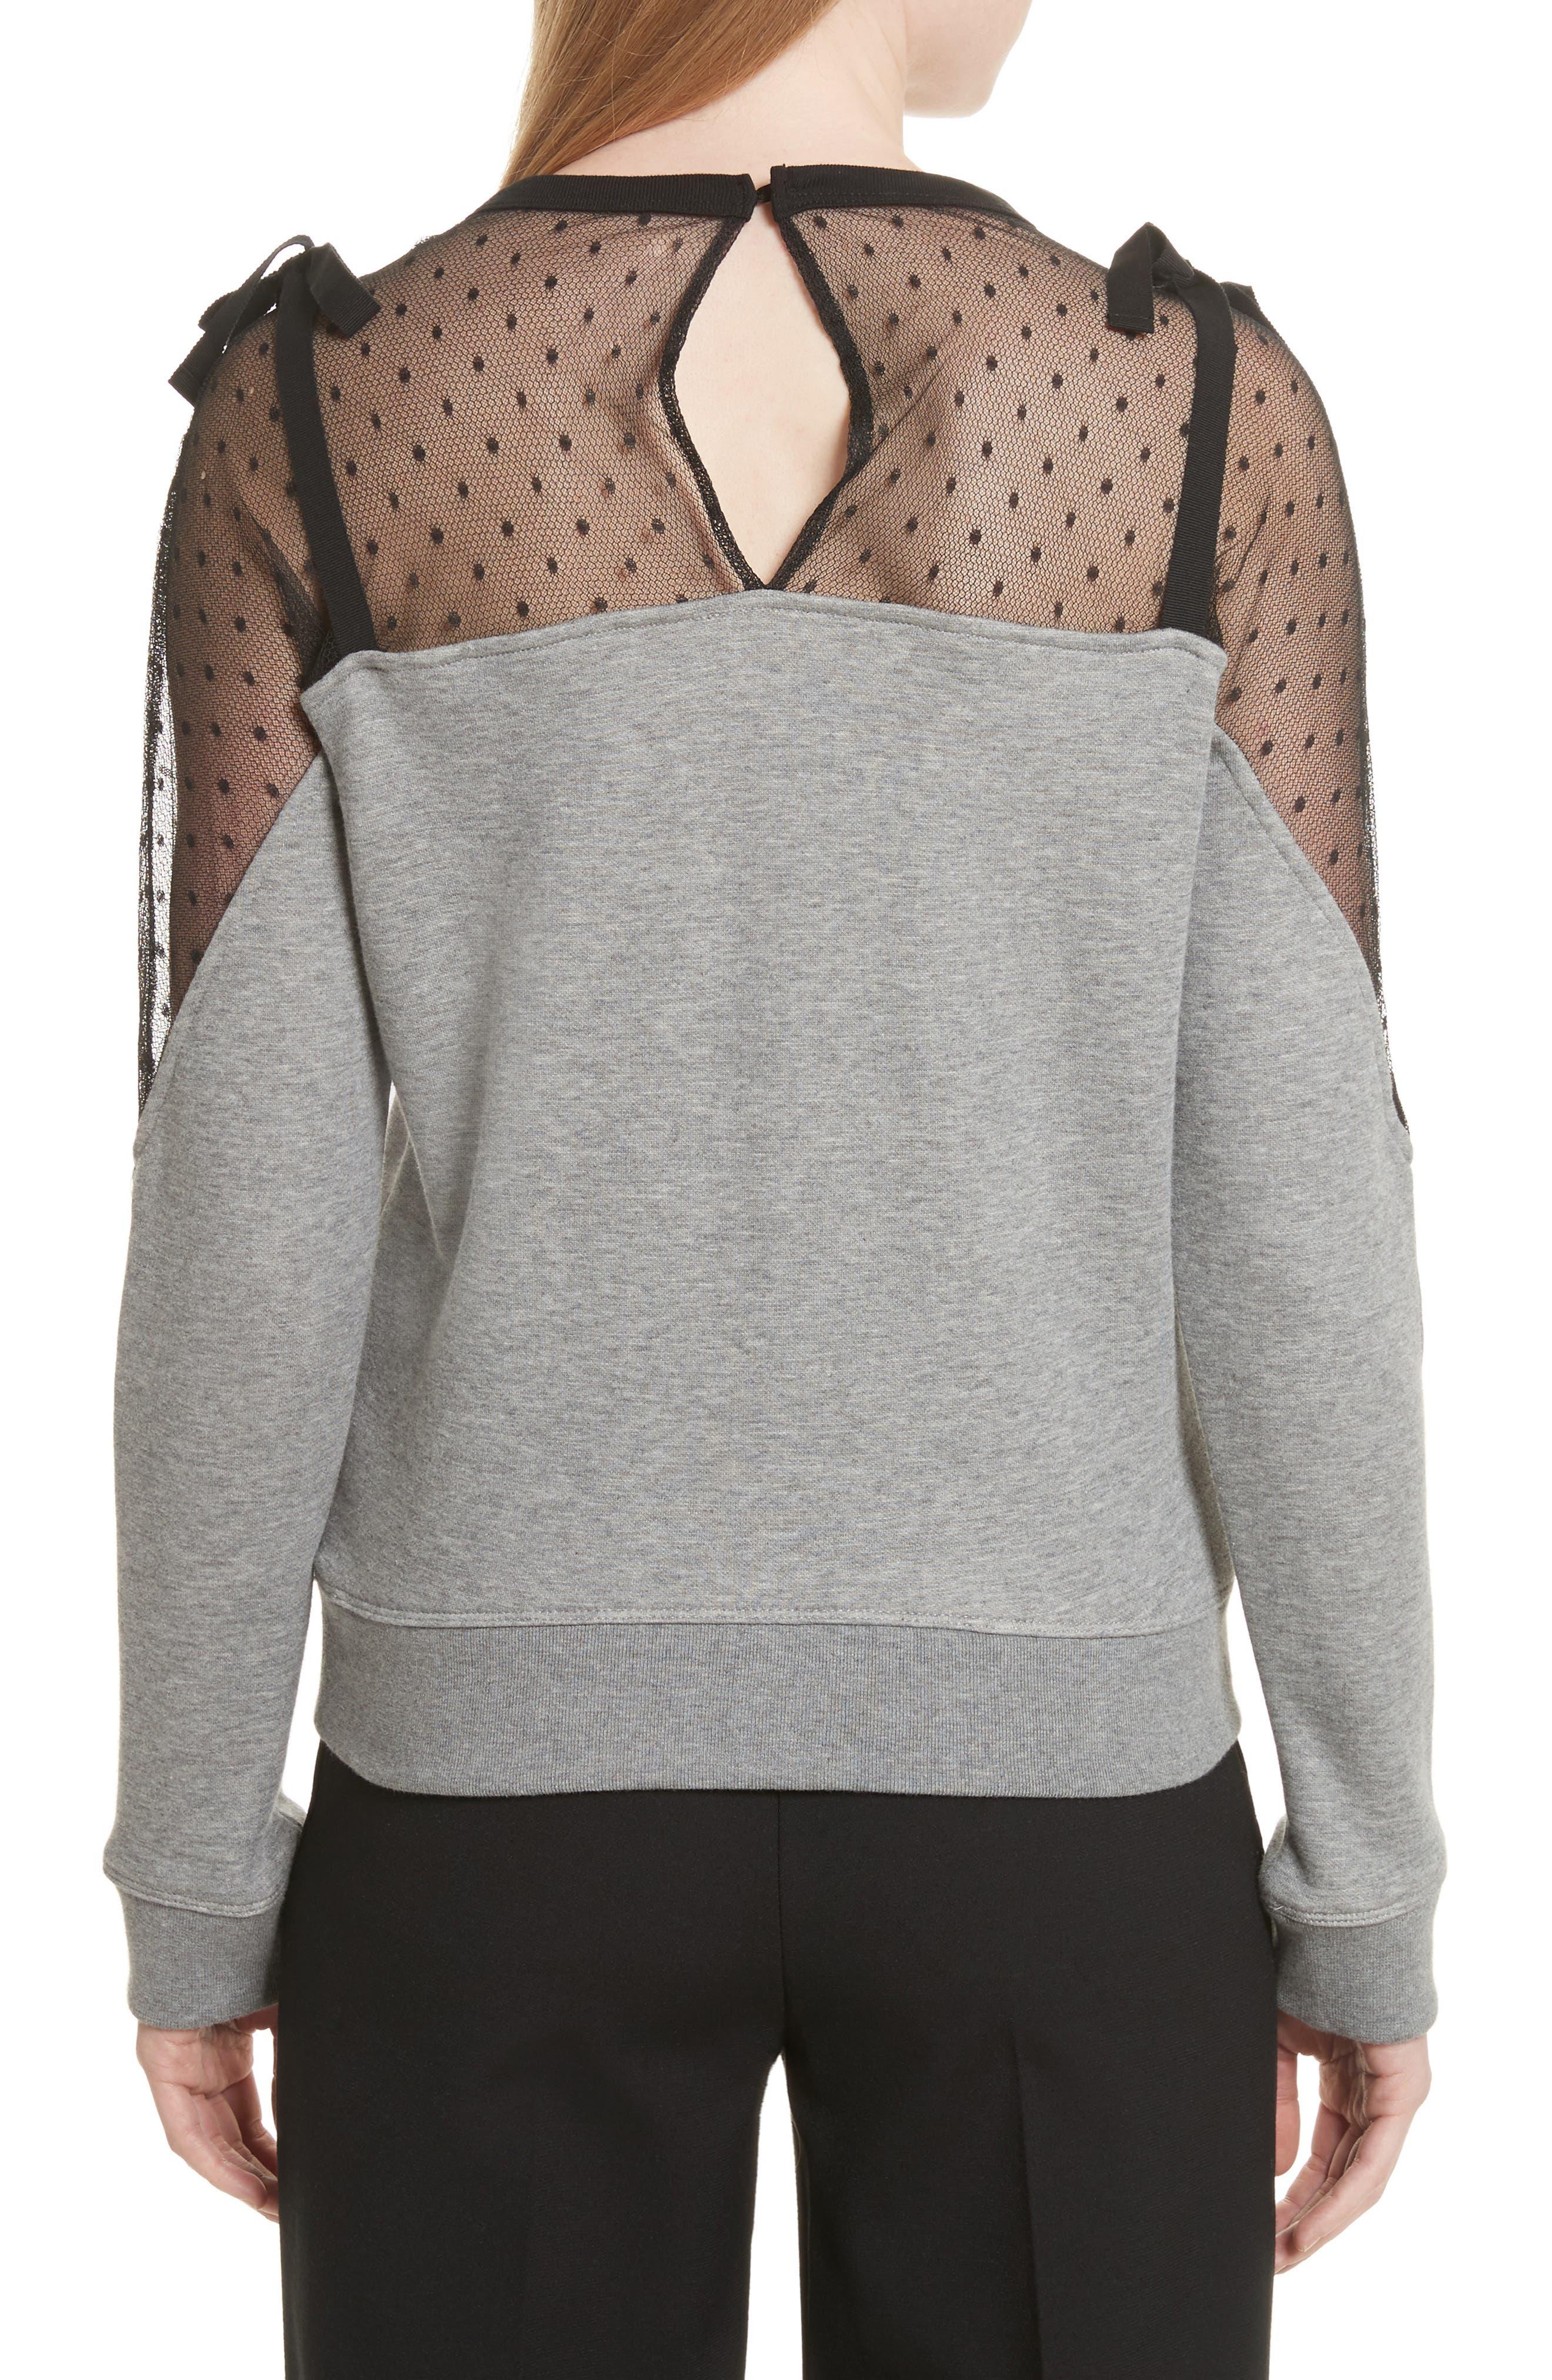 Point D'esprit Sweatshirt,                             Alternate thumbnail 2, color,                             Grey